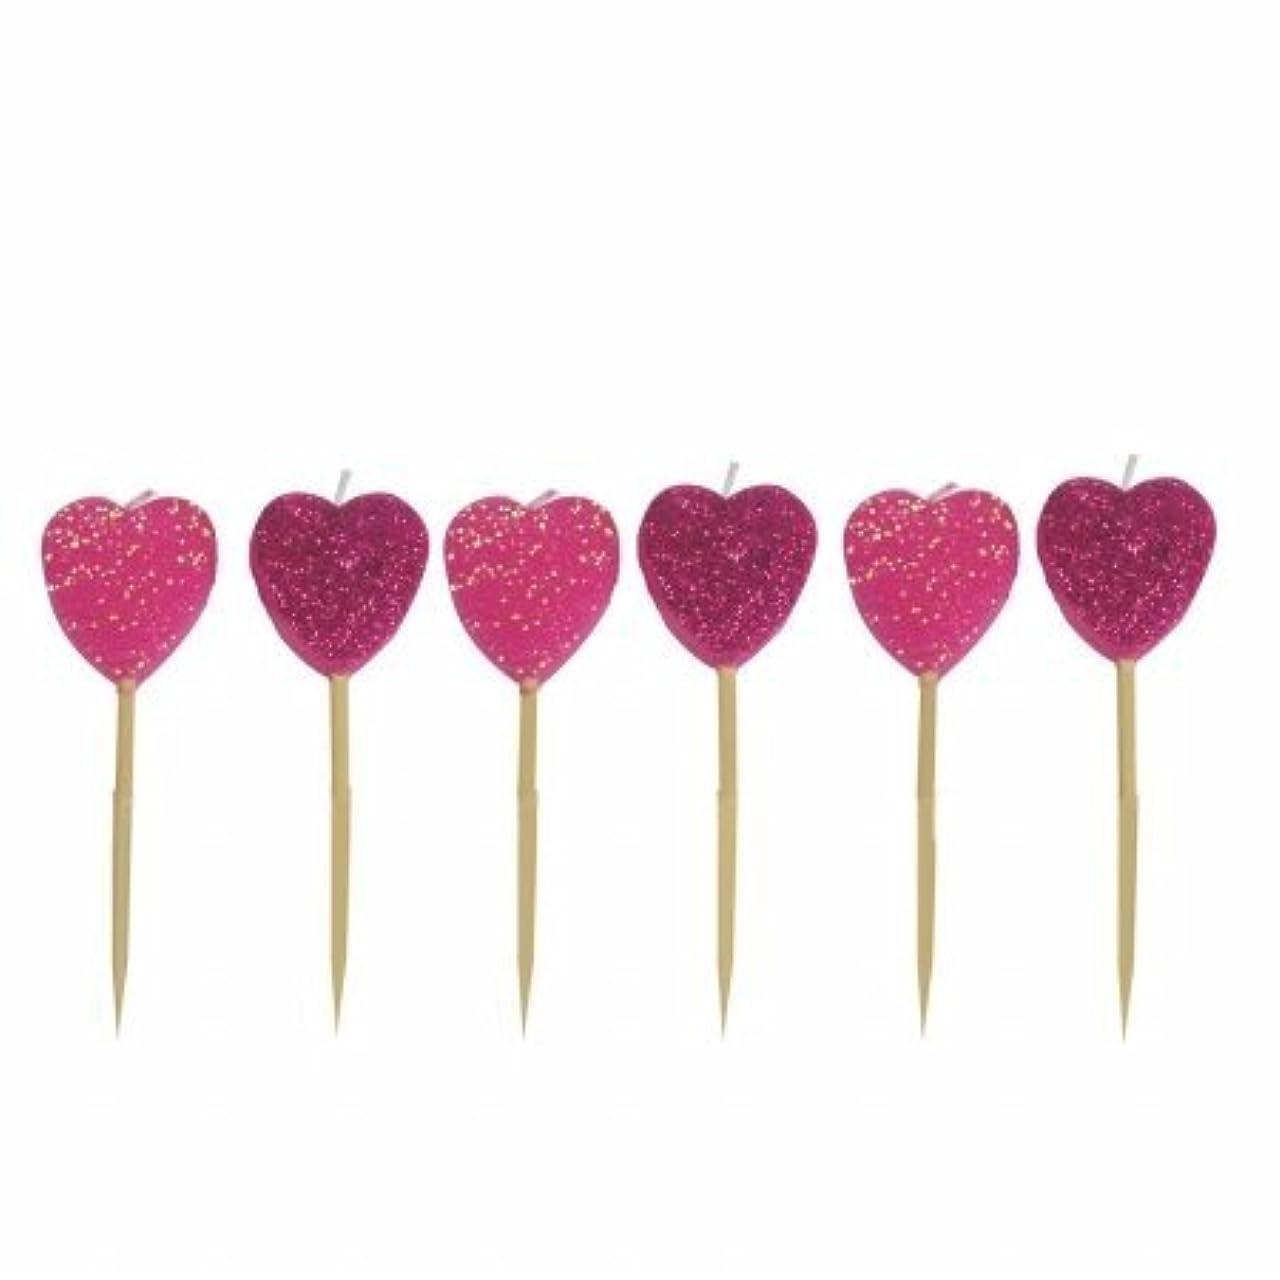 隔離キモいミトンSassafras Enterprises 2300HRT Hearts Candles